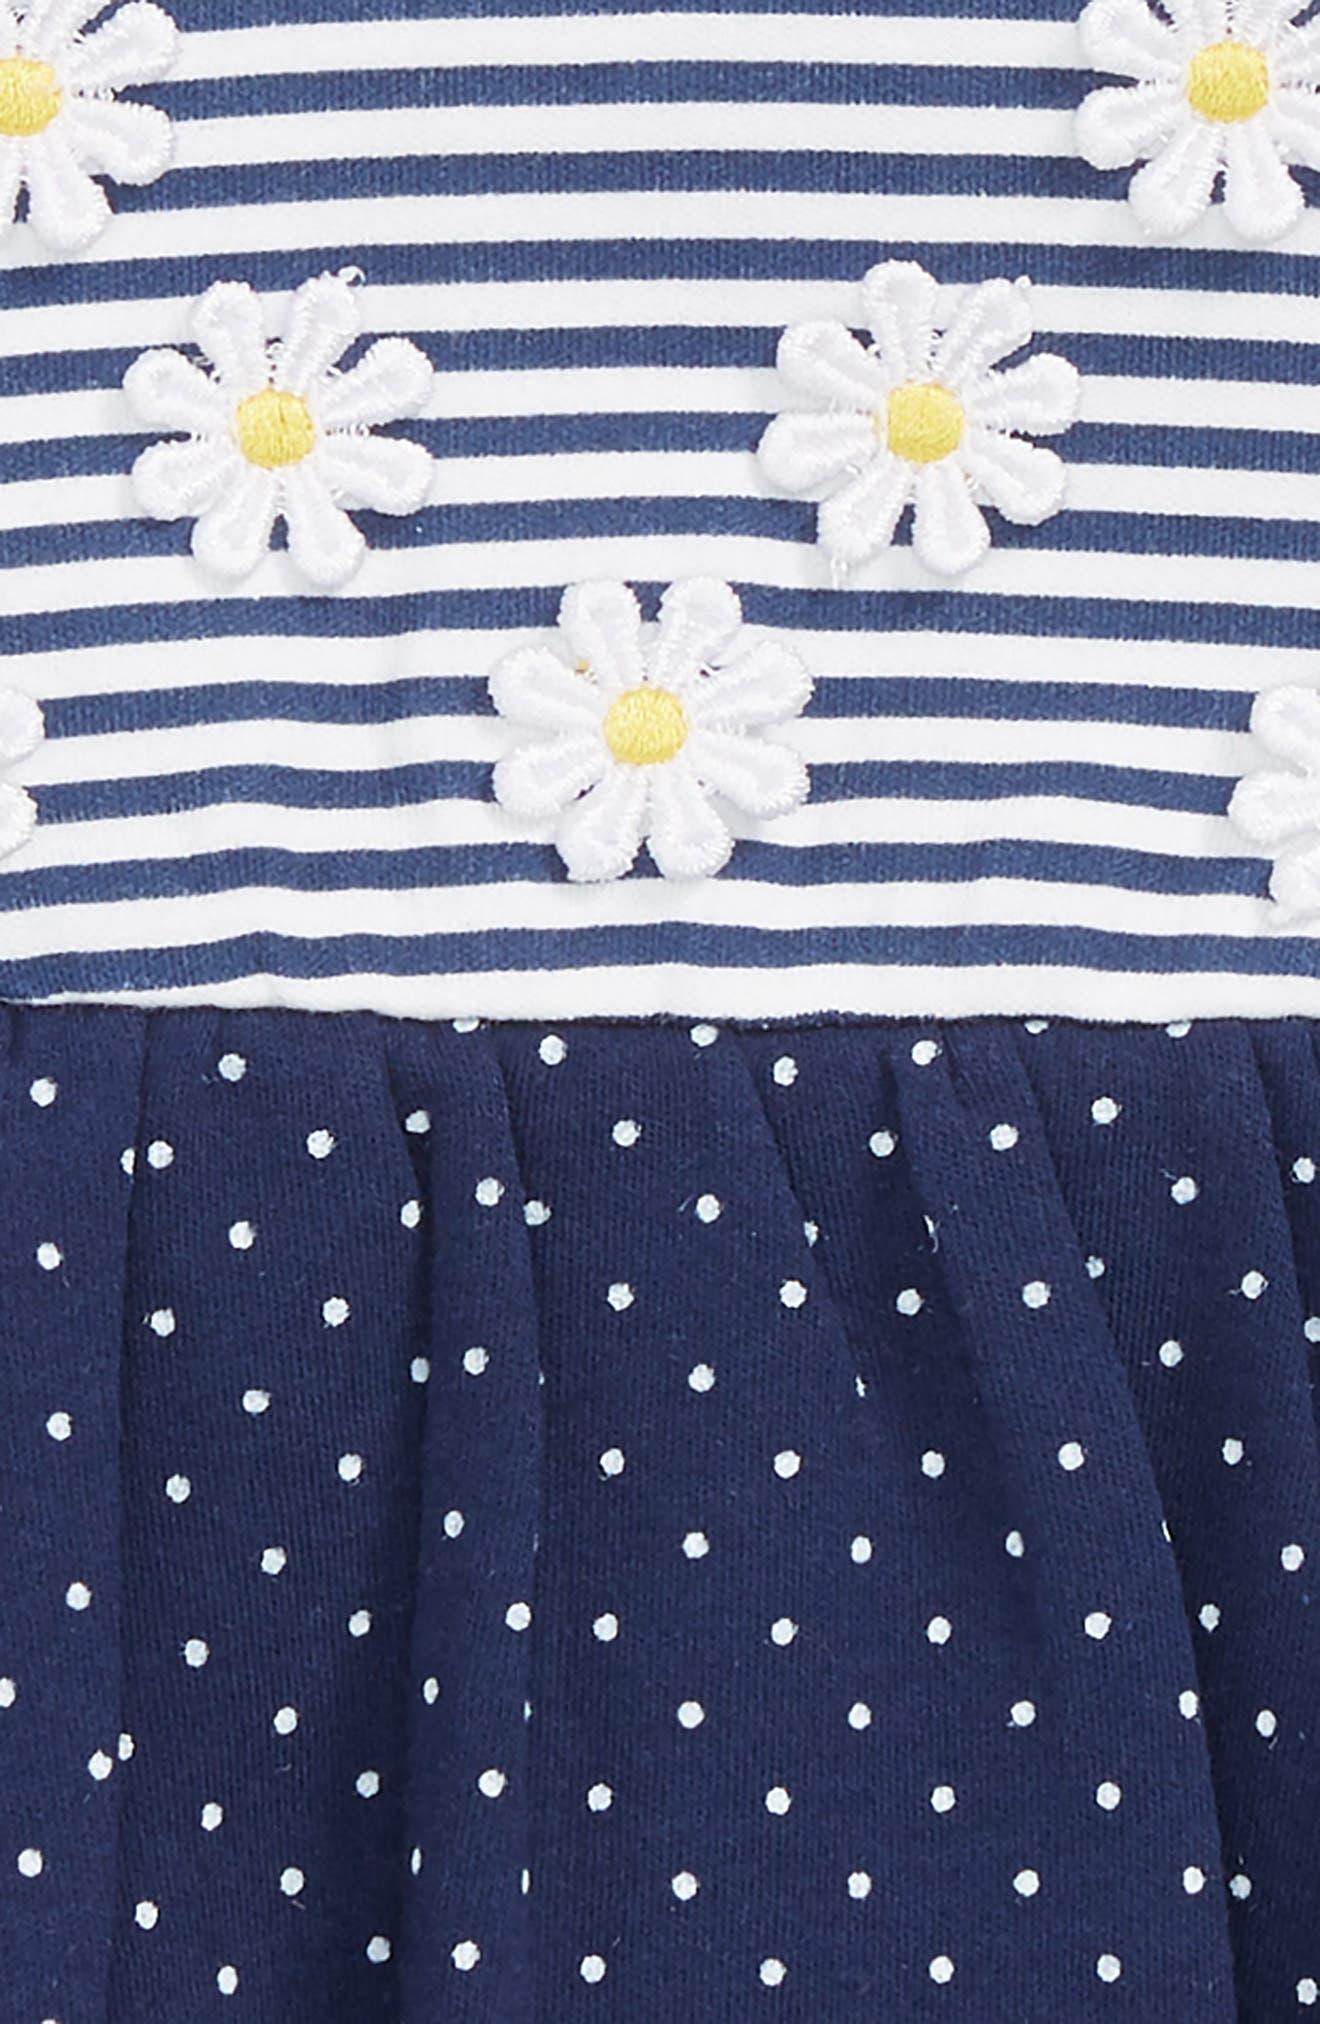 Daisy Dots Popover Bodysuit & Sun Hat Set,                             Alternate thumbnail 2, color,                             415